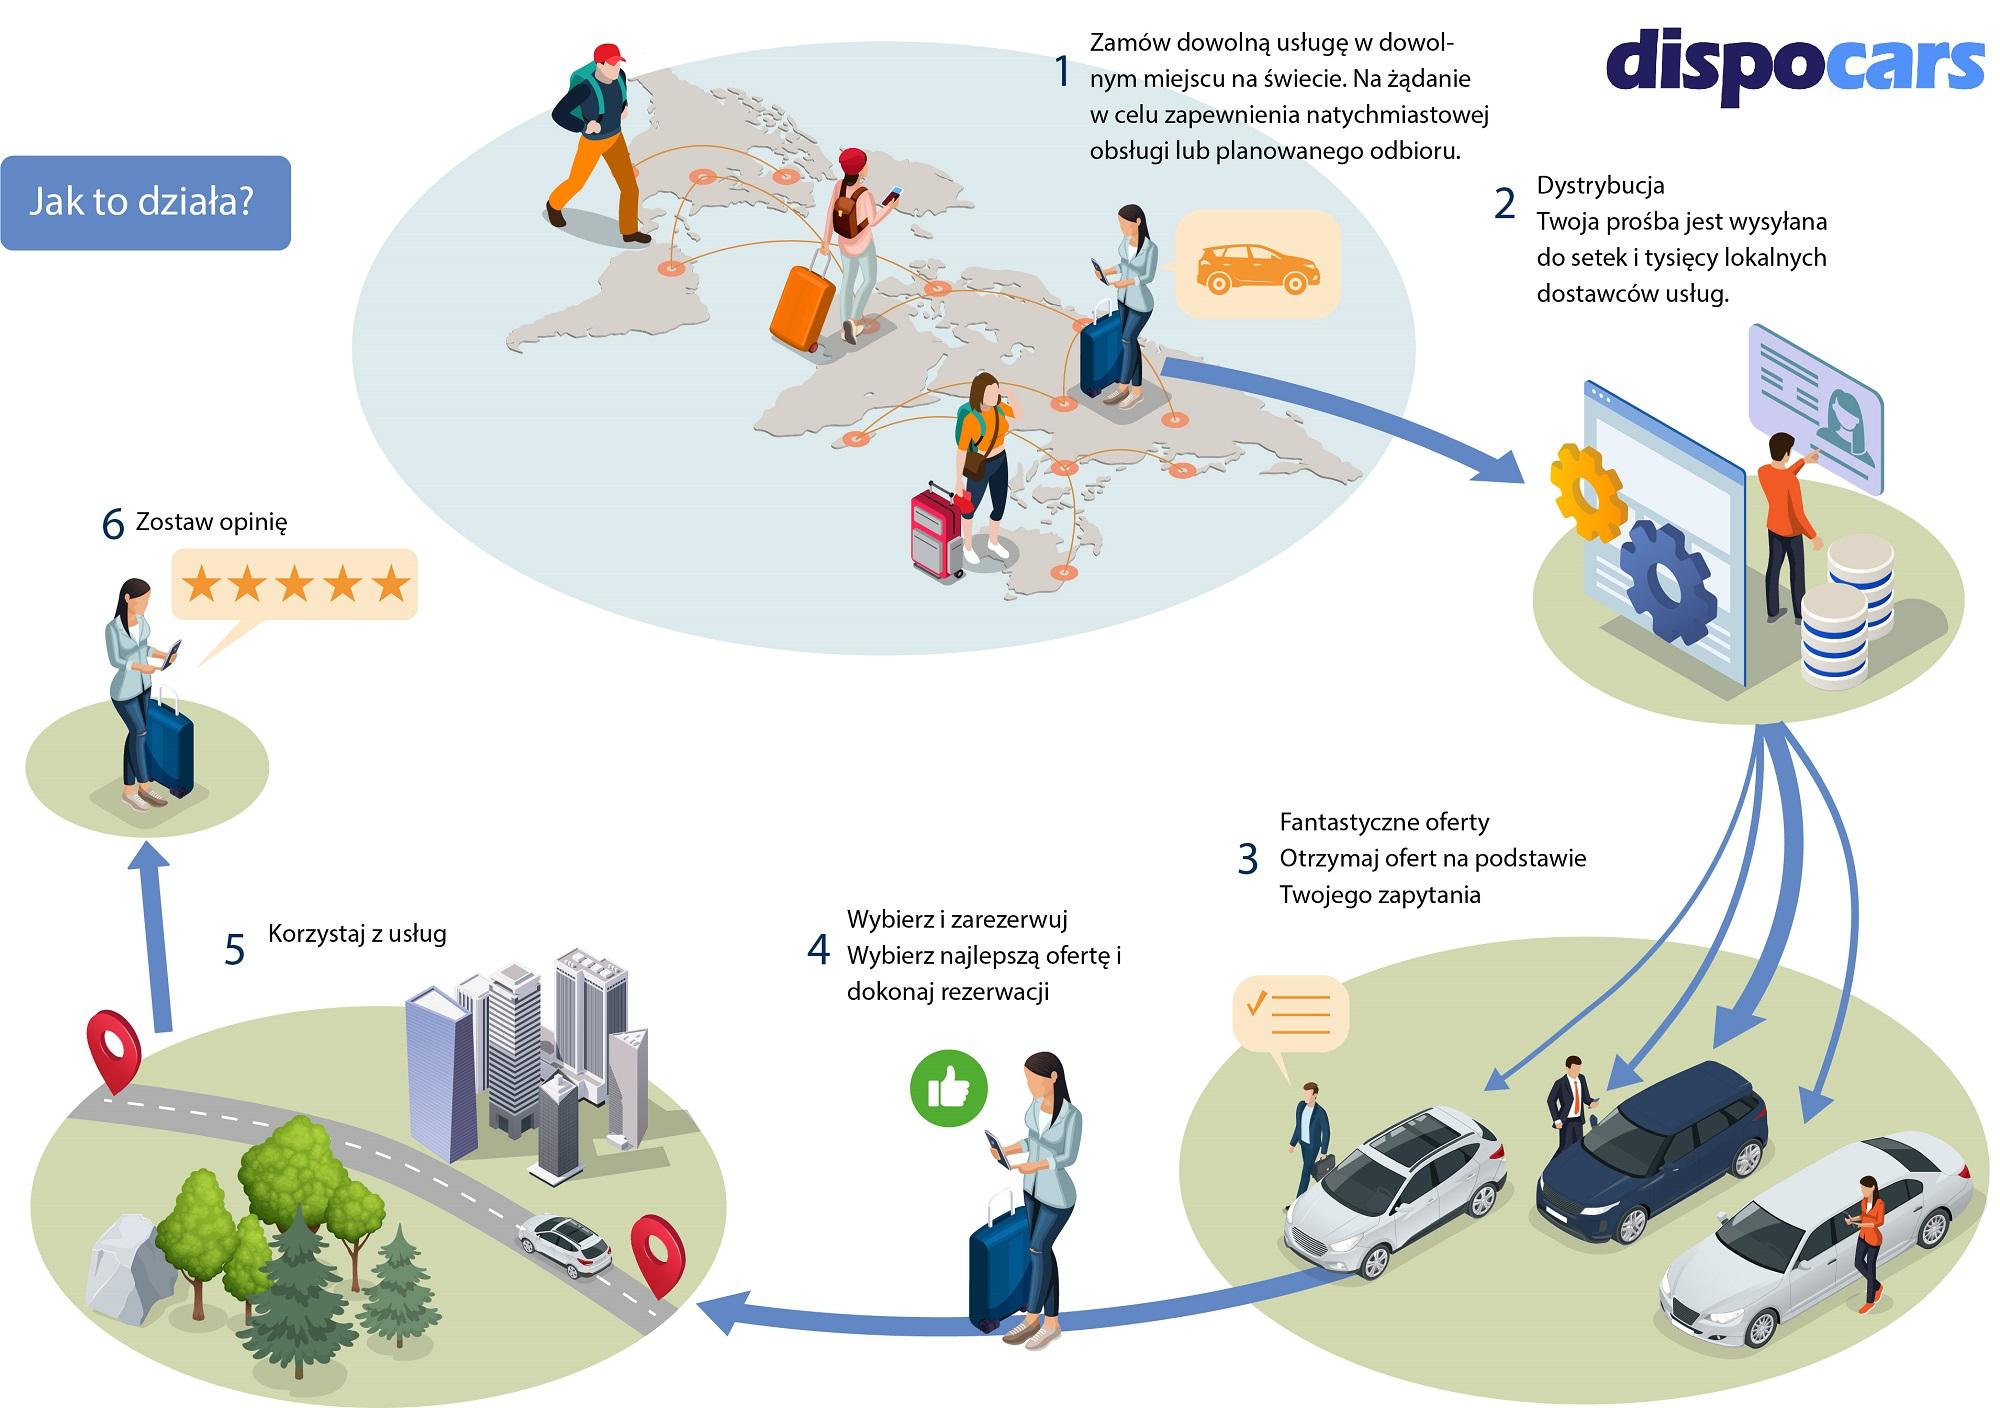 DispoCars - Samochody z szoferem do Twojej dyspozycji